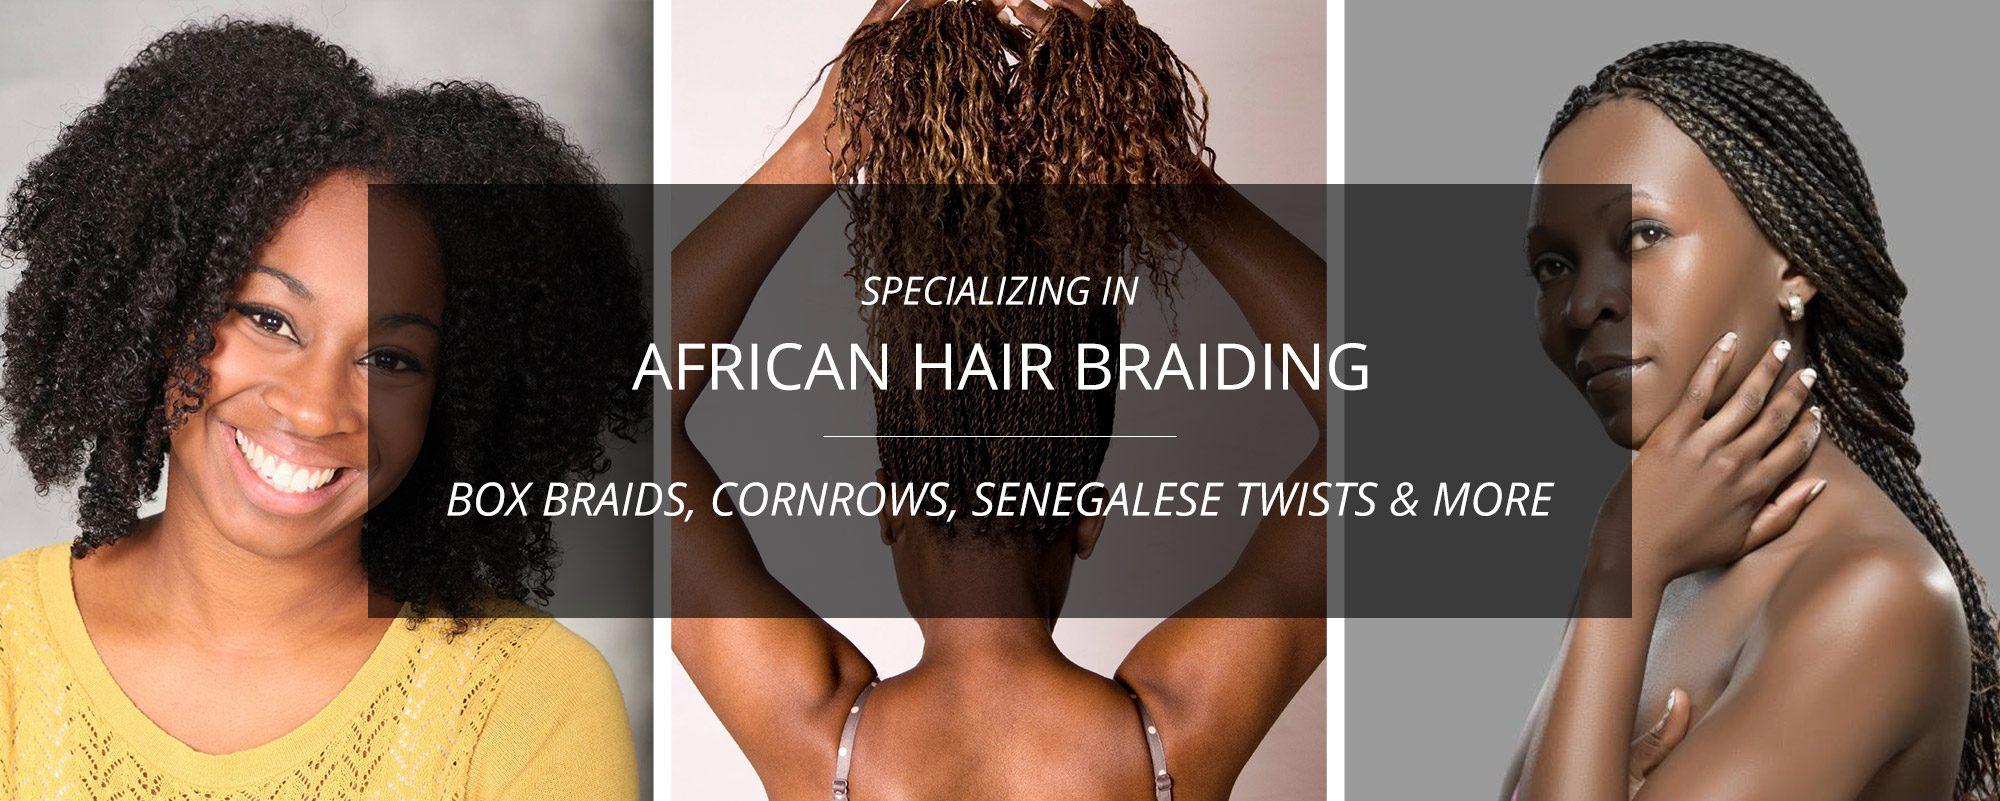 African Hair Braiding San Francisco African Braids Ca African